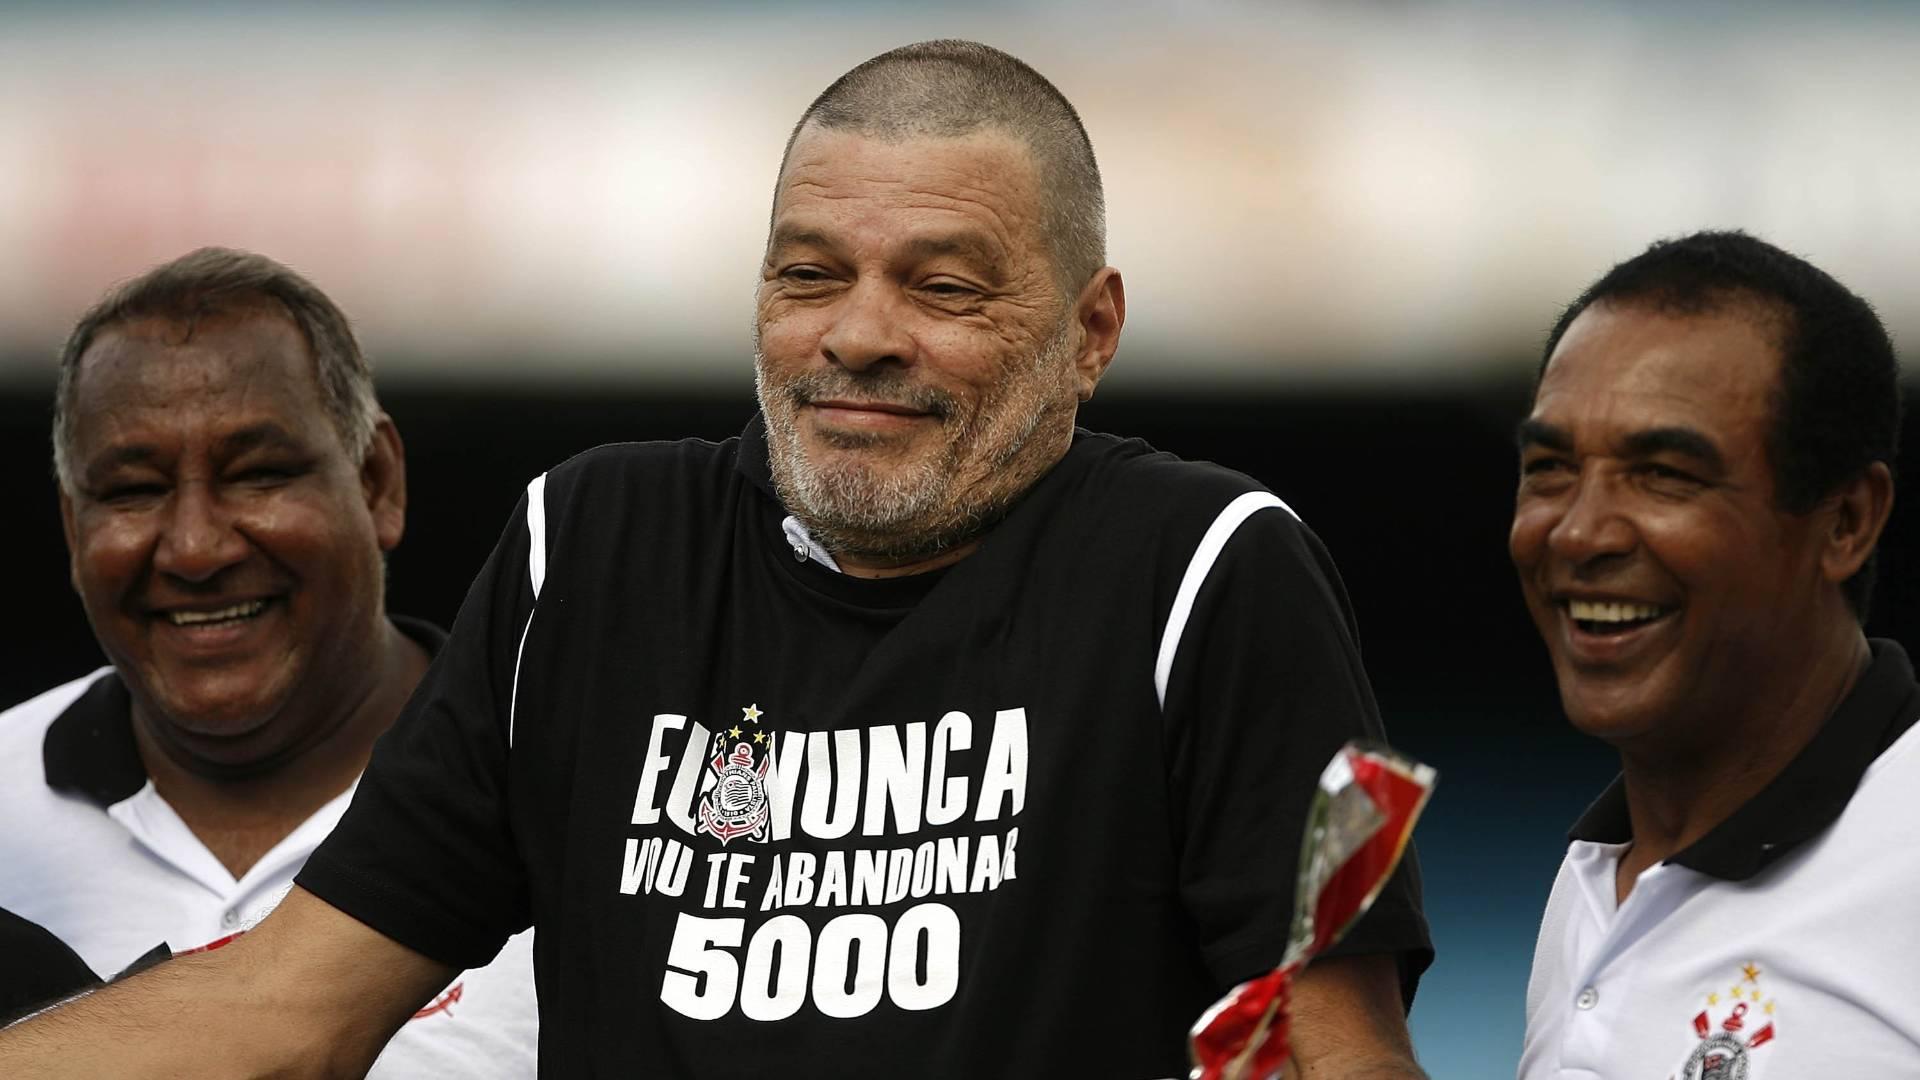 Sócrates antes do jogo do Corinthians pelo Campeonato Paulista contra o Bragantino, no estádio do Morumbi, em São Paulo (SP), que marcou a partida de número 5.000 da história do clube